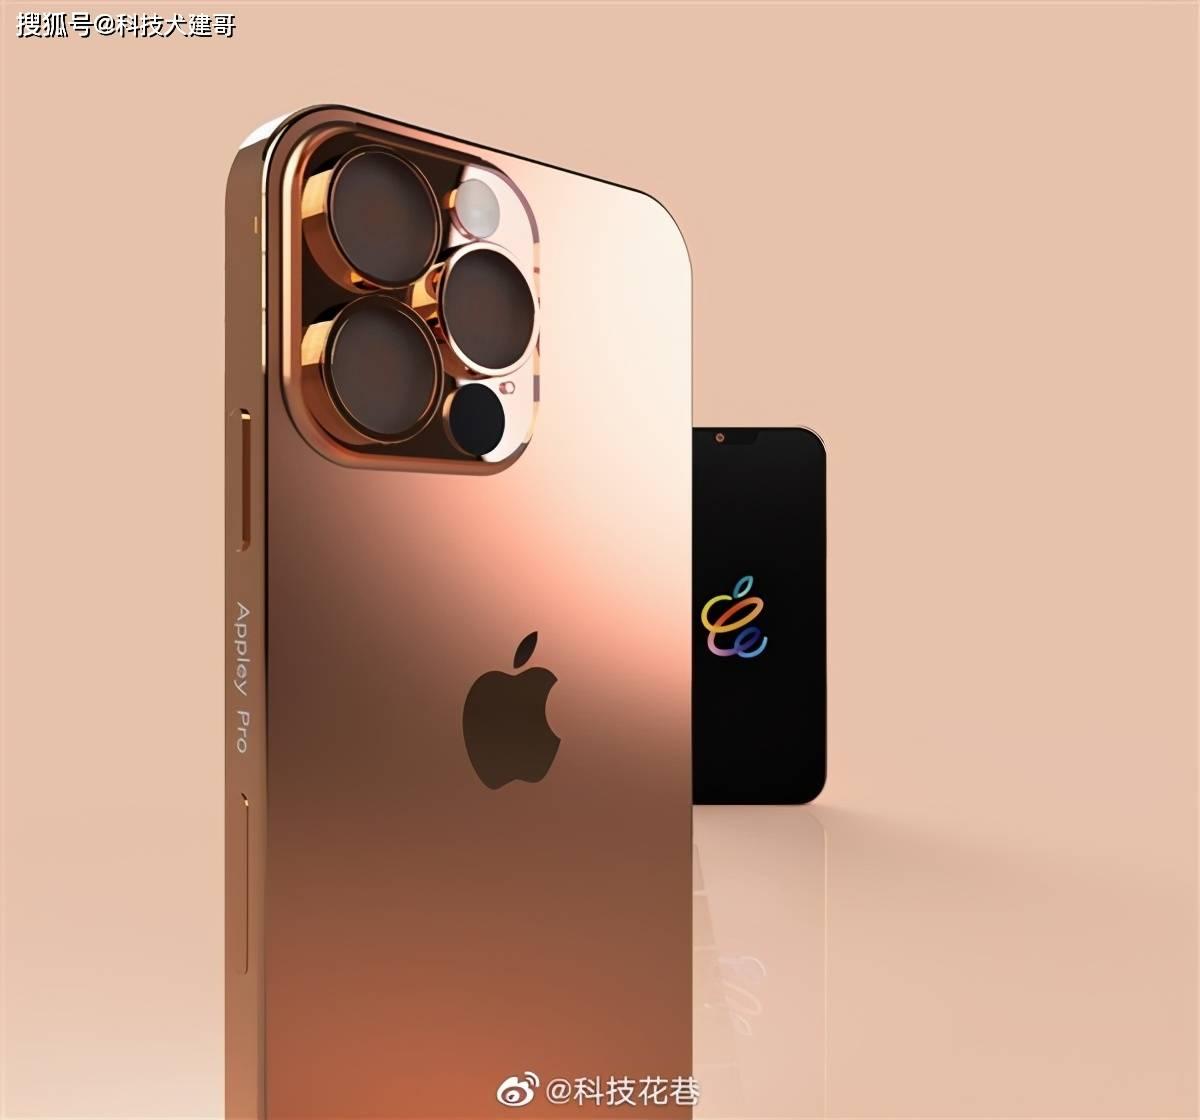 天顺app下载-首页【1.1.9】  第3张